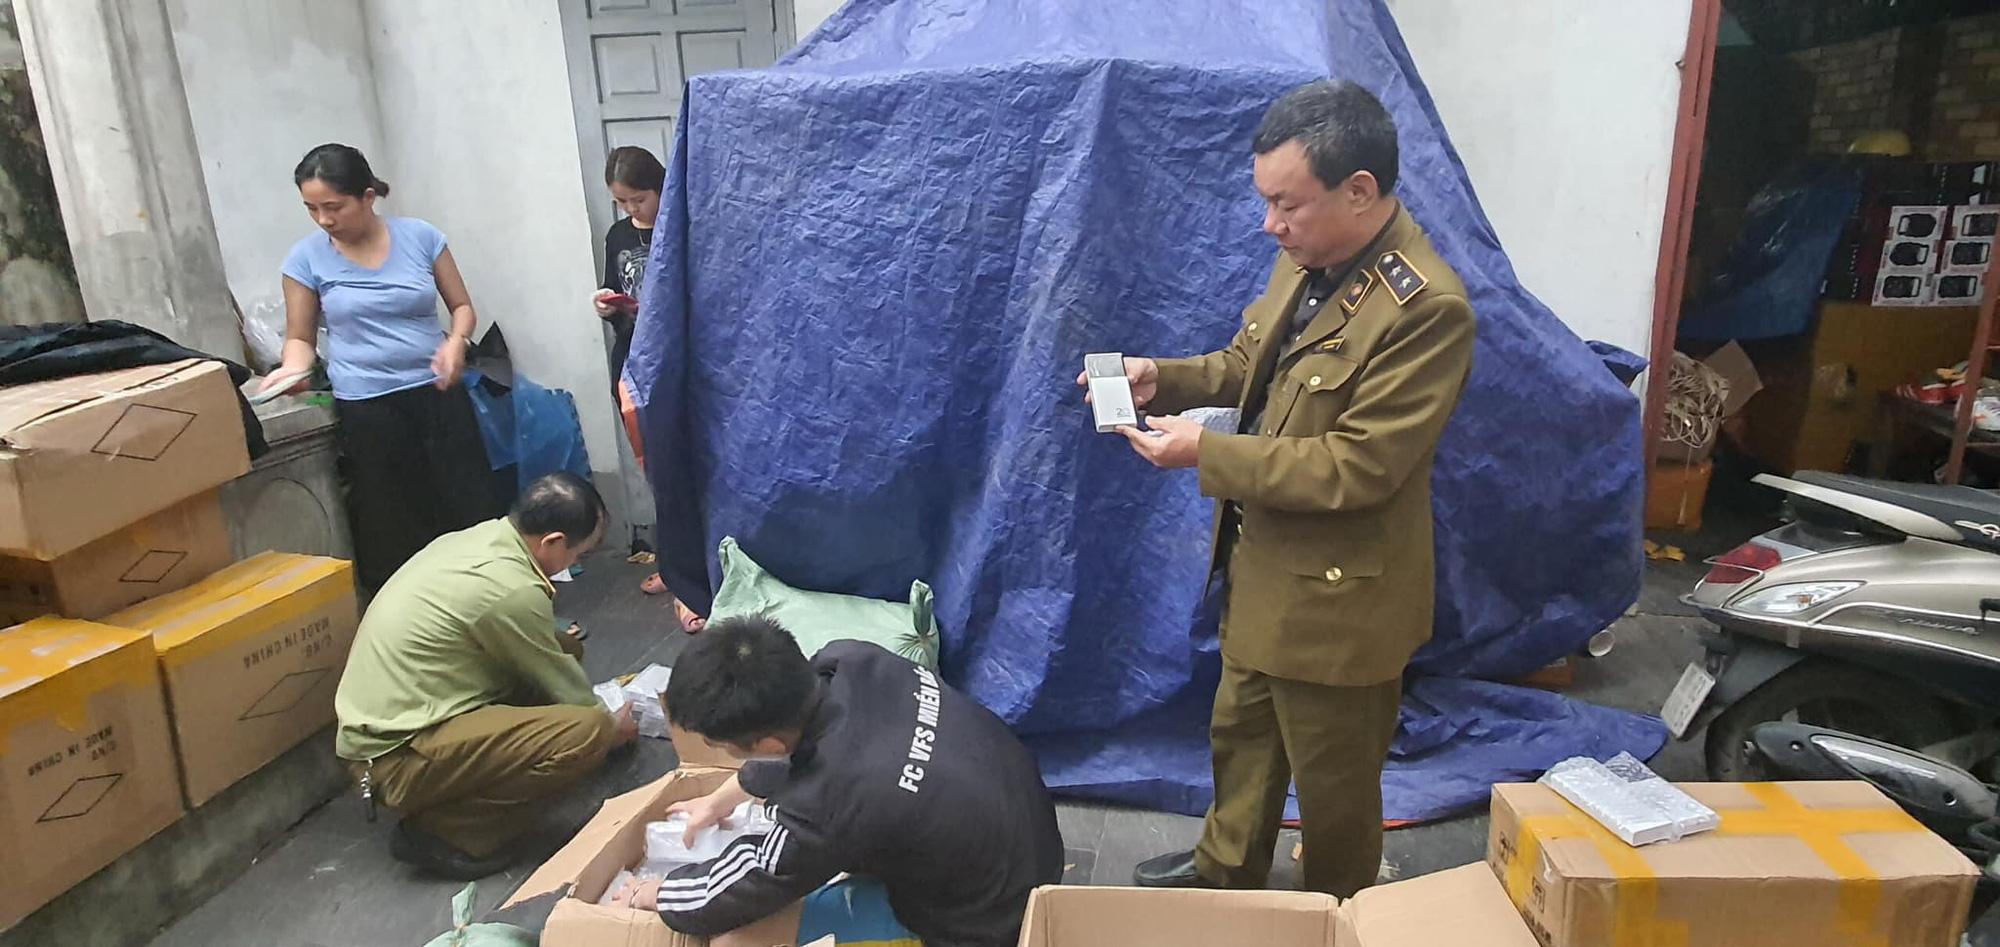 NÓNG: Bắt giữ hơn 2.000 pin sạc dự phòng giả mạo hiệu Samsung tại Hà Nội - Ảnh 1.